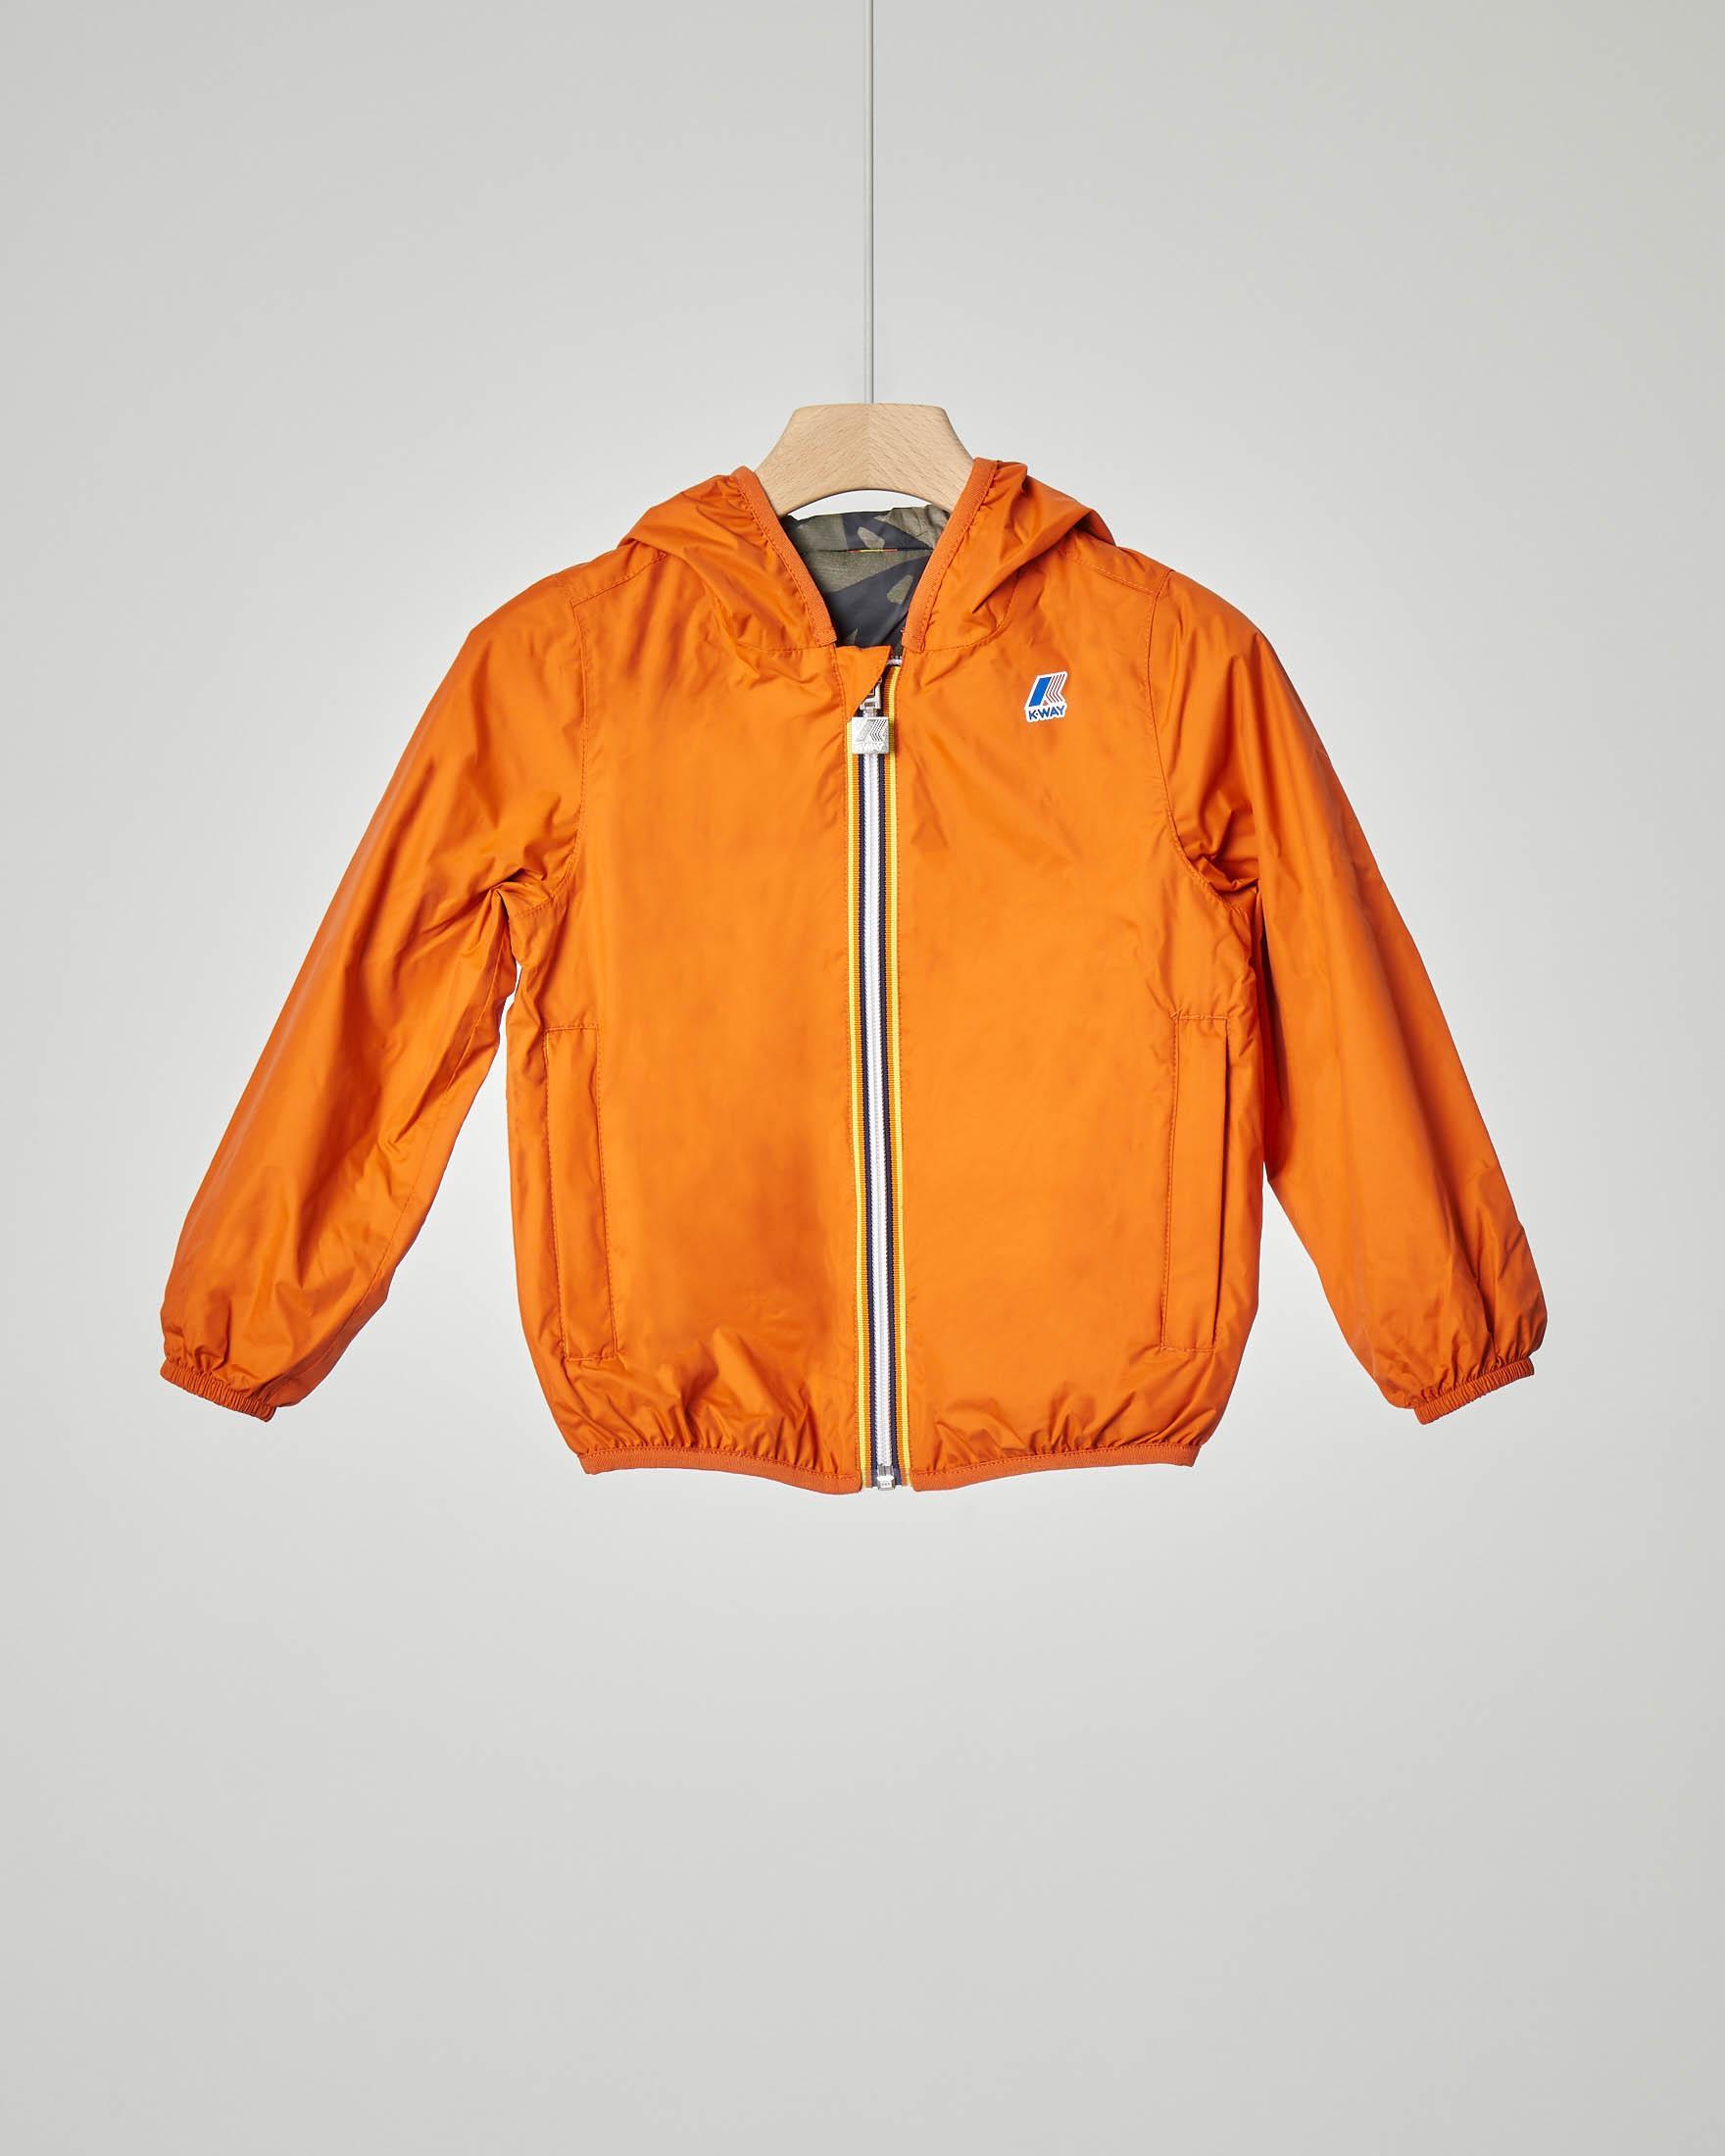 Giubbino arancio reversibile in fantasia camouflage